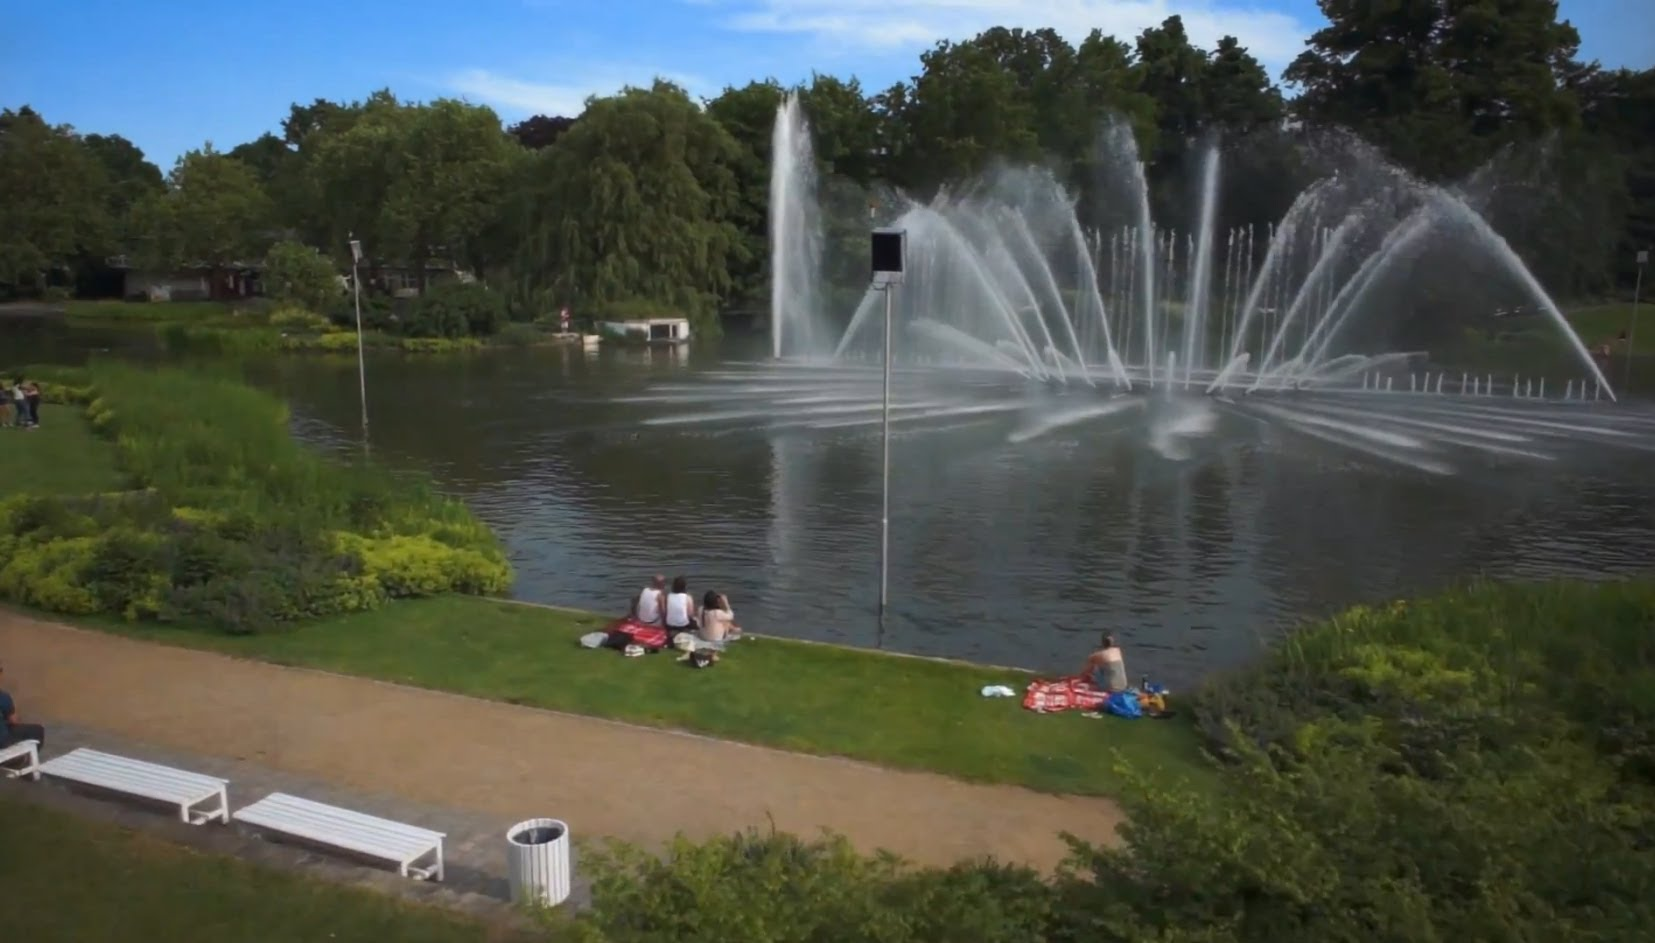 حديقة بلانتن بلومن هامبورغ